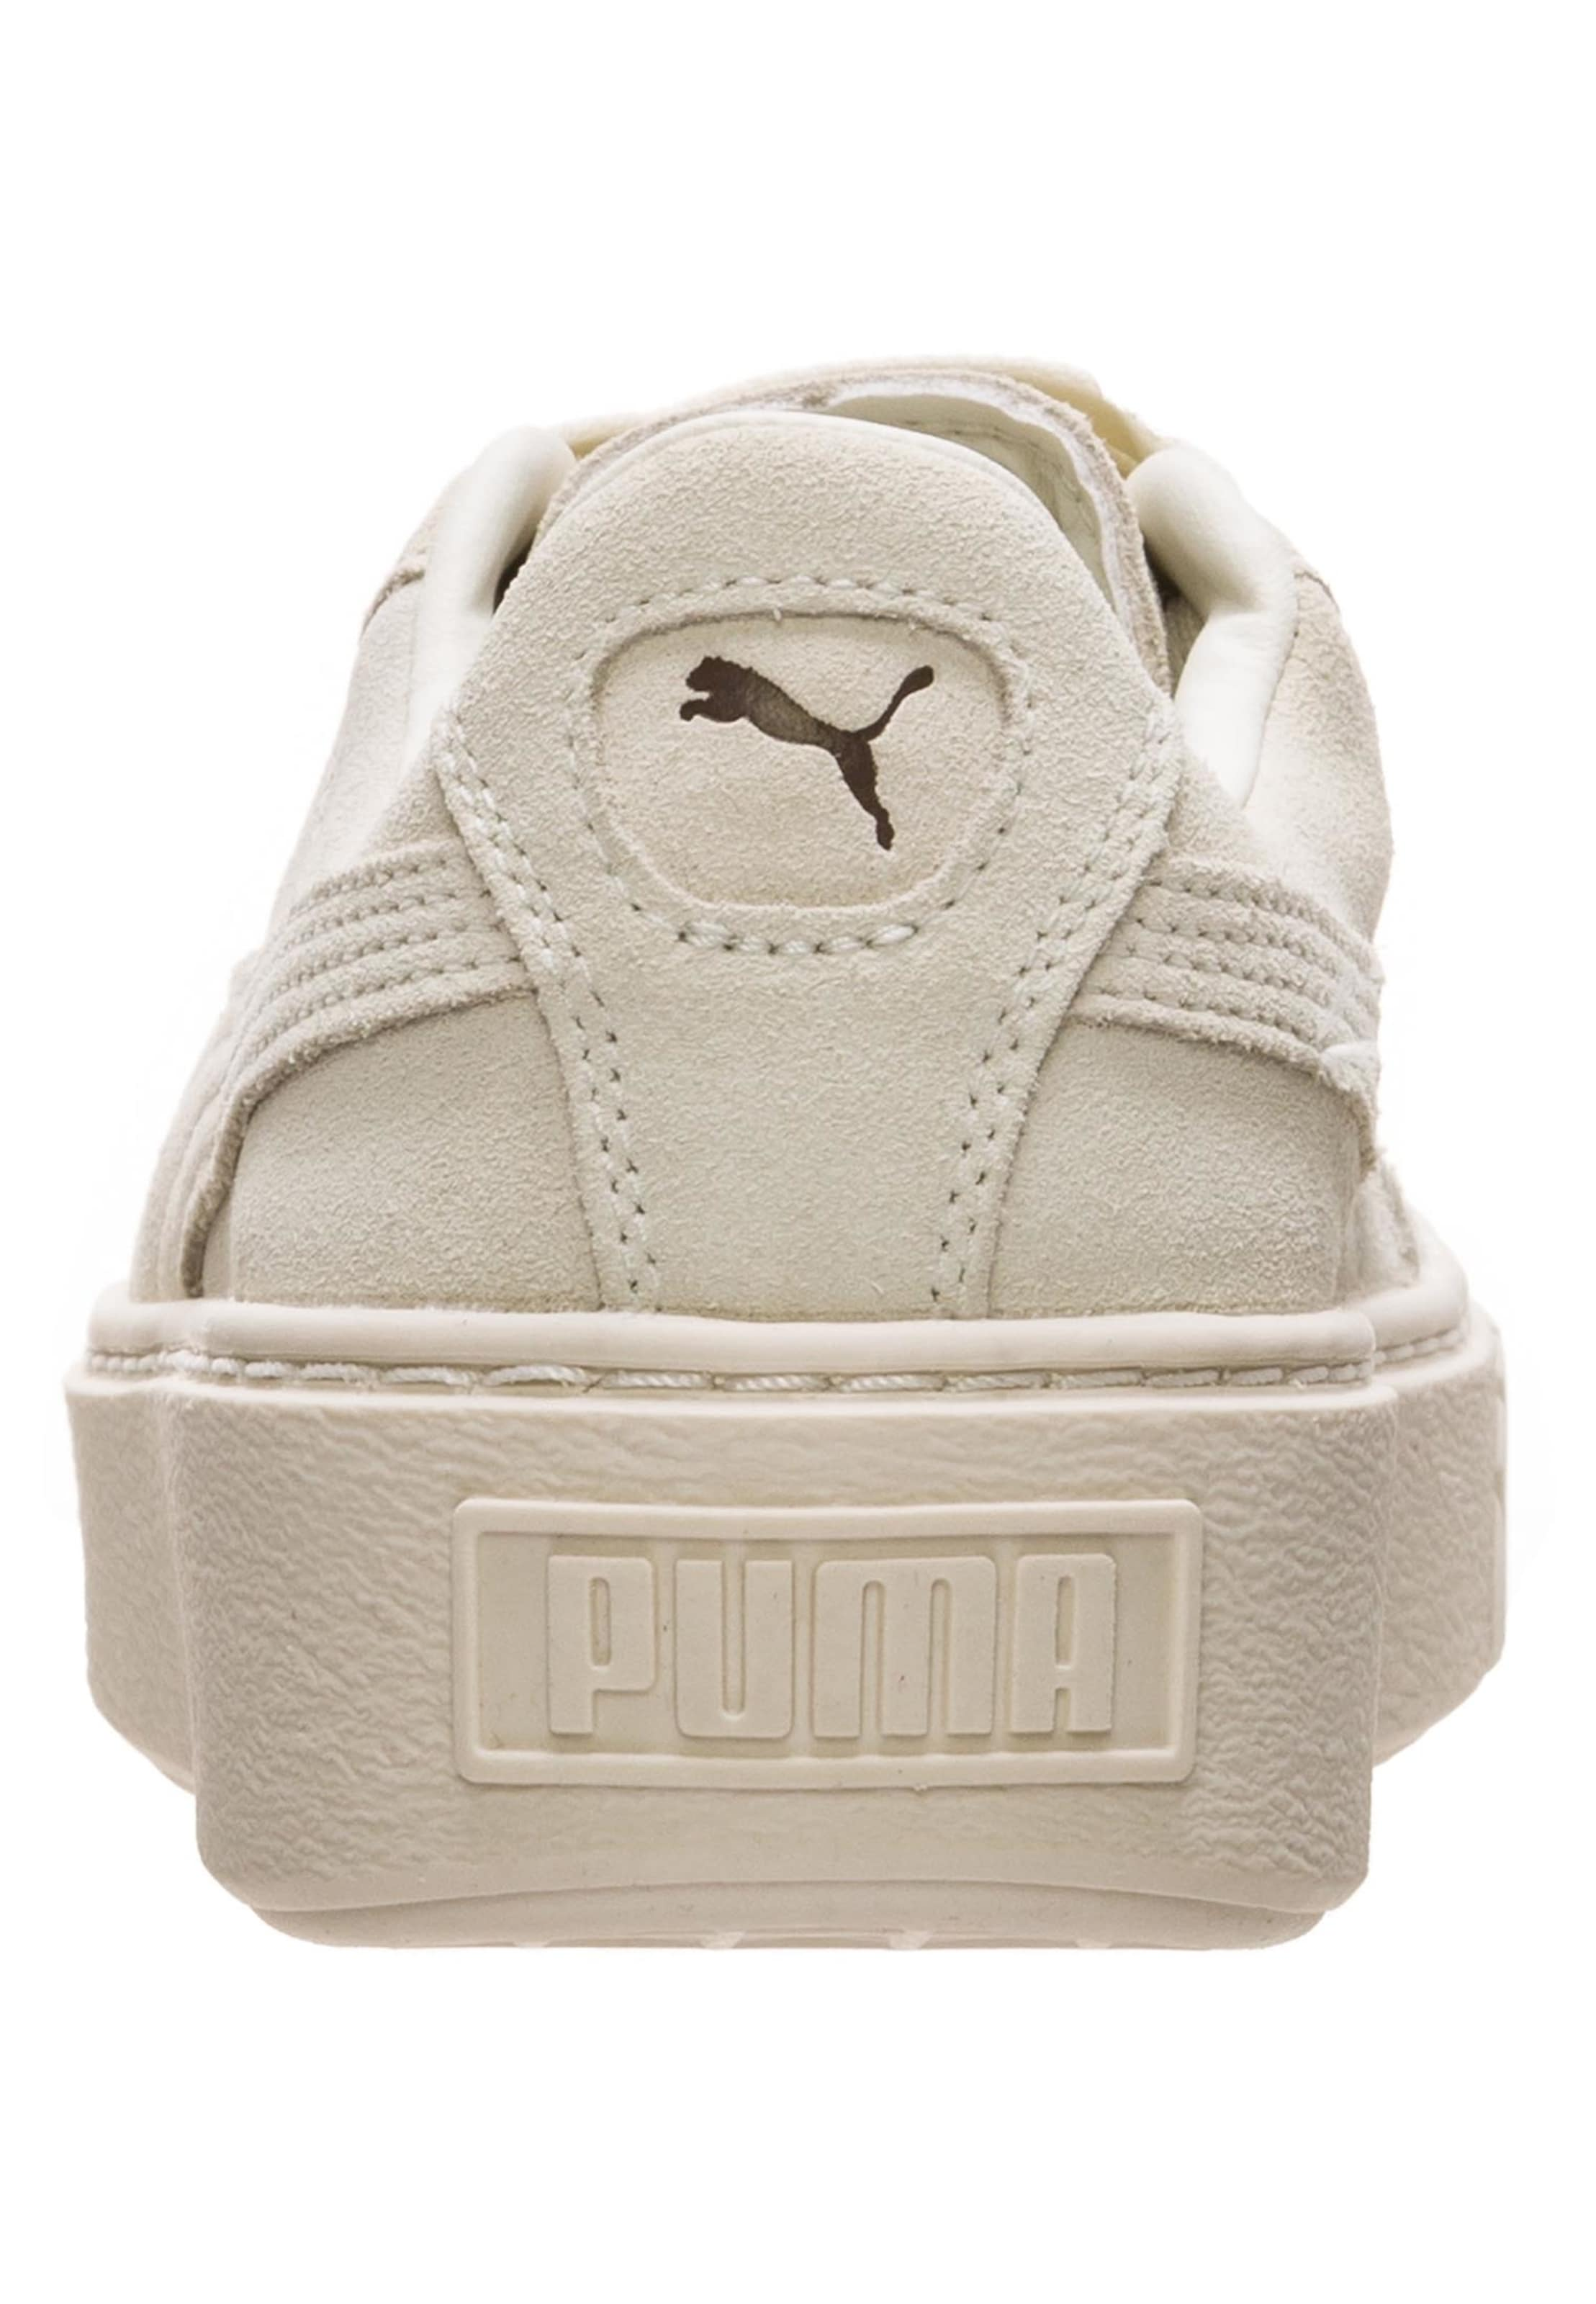 Sneaker Naturweiß Sneaker Puma 'gem' In Puma 'gem' In Sneaker Puma 'gem' In Naturweiß yNwm8nP0vO